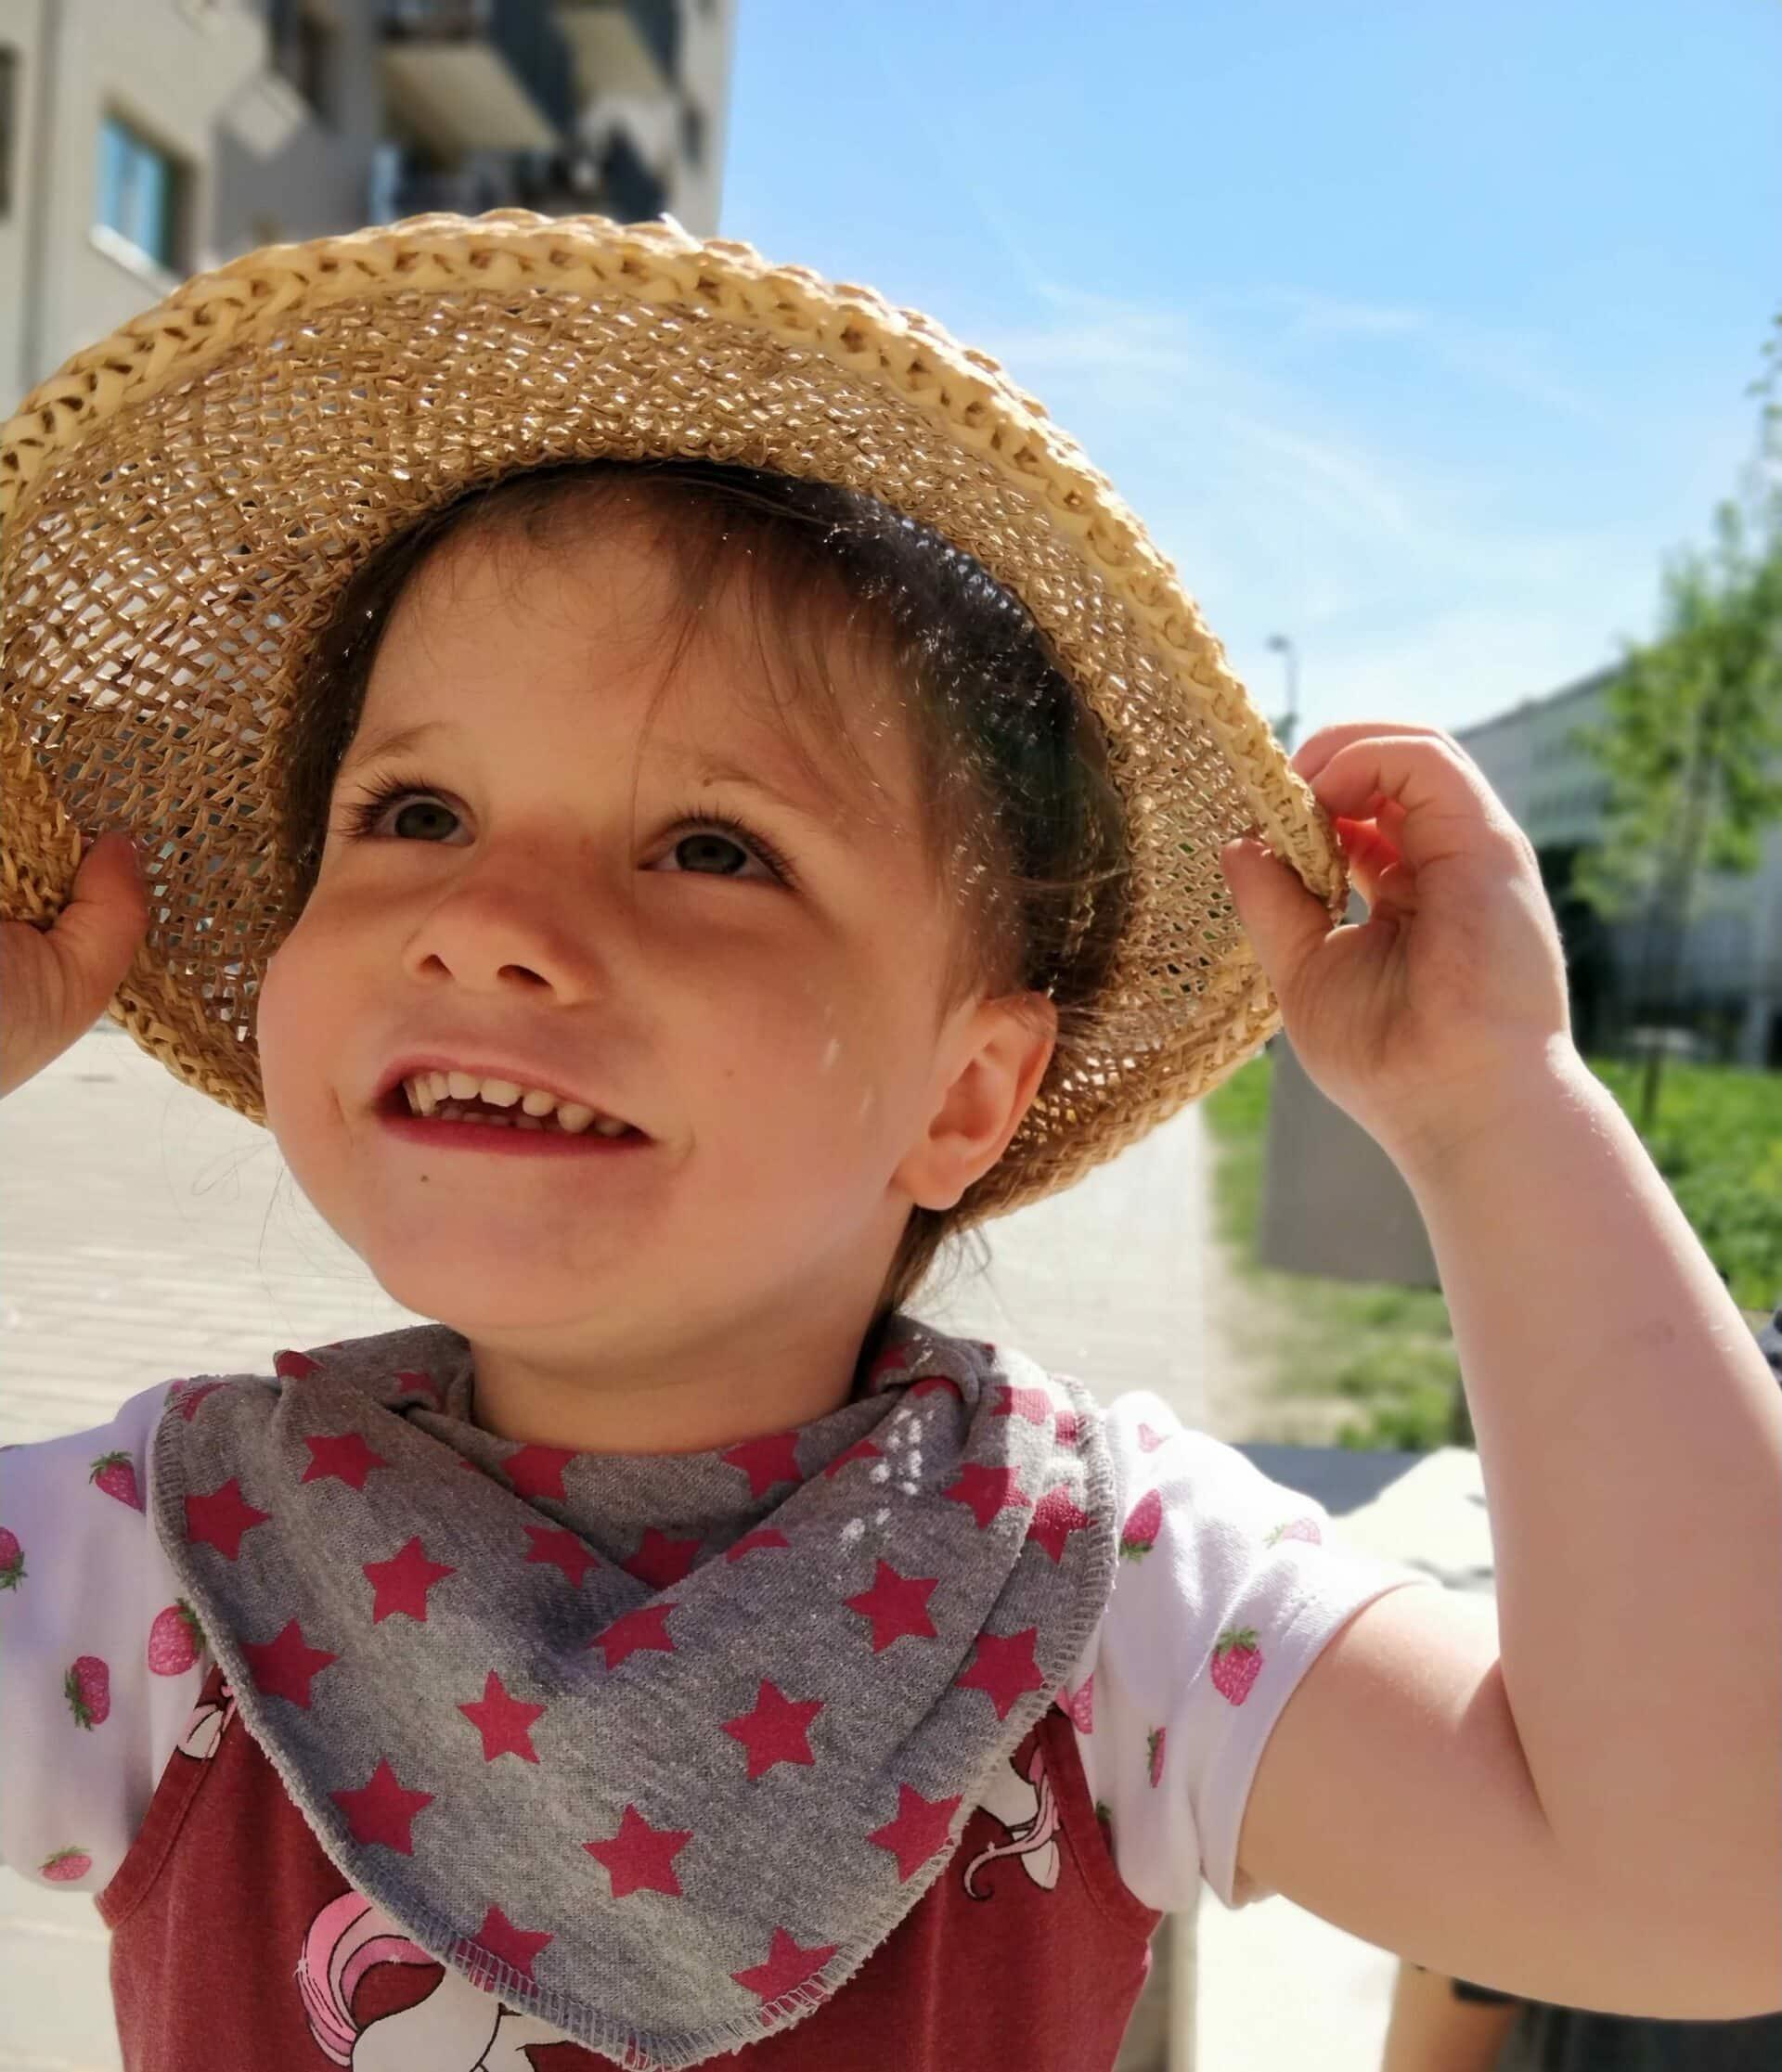 Little girl in hat.